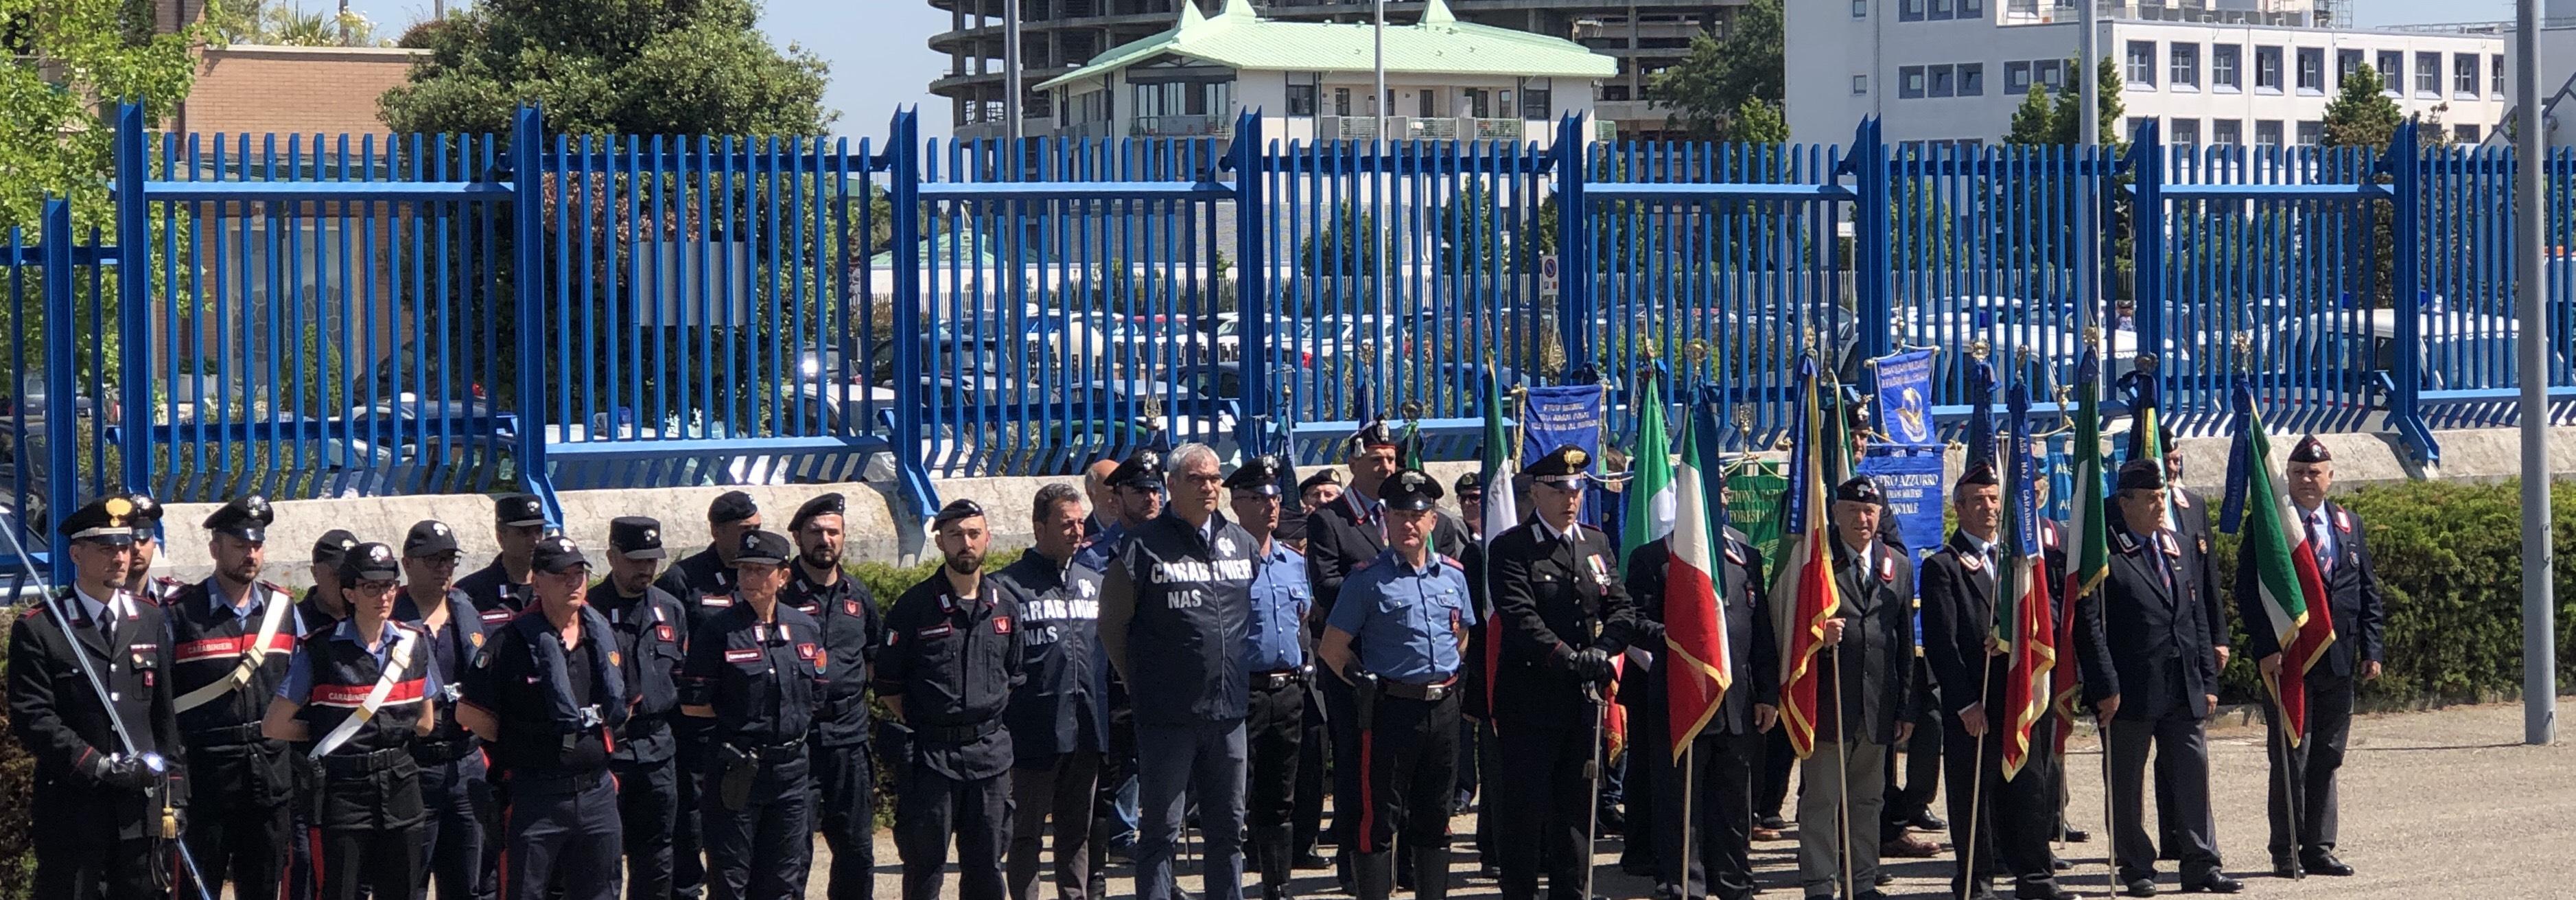 205 Anniversario della fondazione dell'arma dei Carabinieri